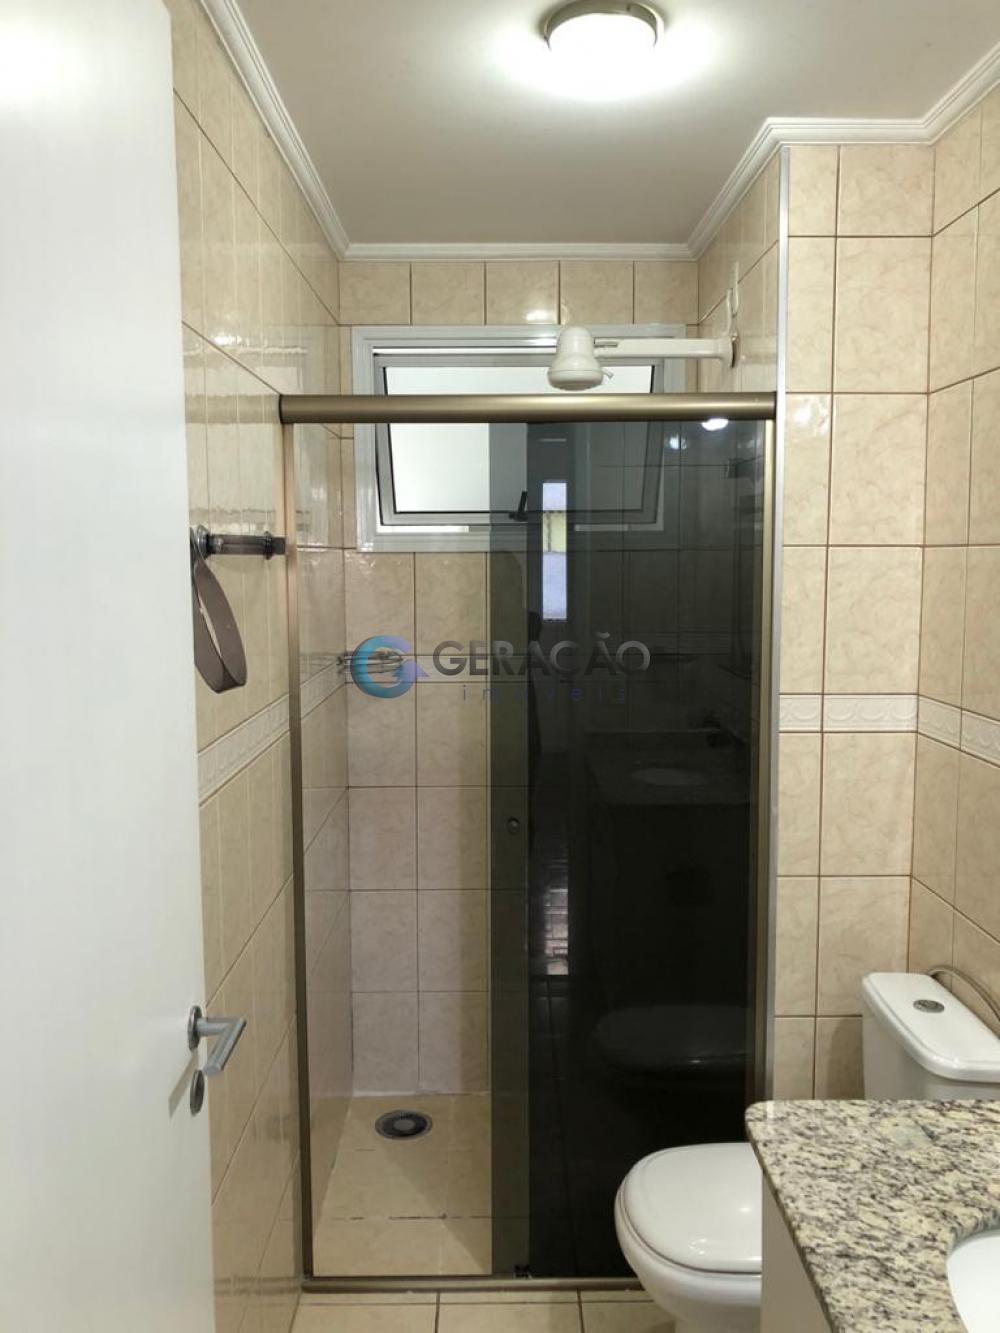 Comprar Apartamento / Padrão em São José dos Campos R$ 480.000,00 - Foto 16